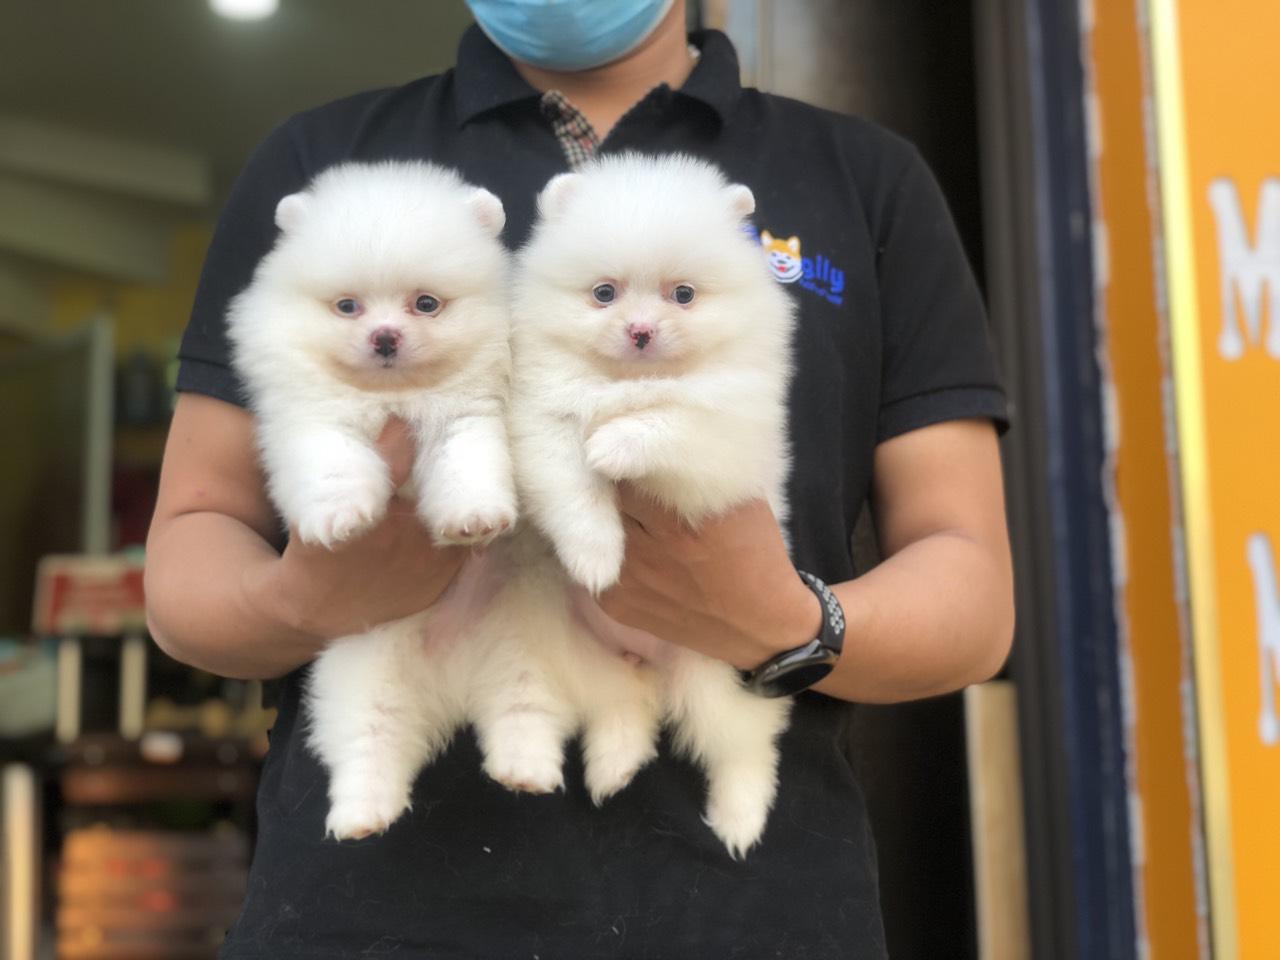 Đôi chó phốc sóc màu trắng 2 tháng tuổi tại Dogily Petshop Nghi Tàm (Tây Hồ, Hà Nội)..